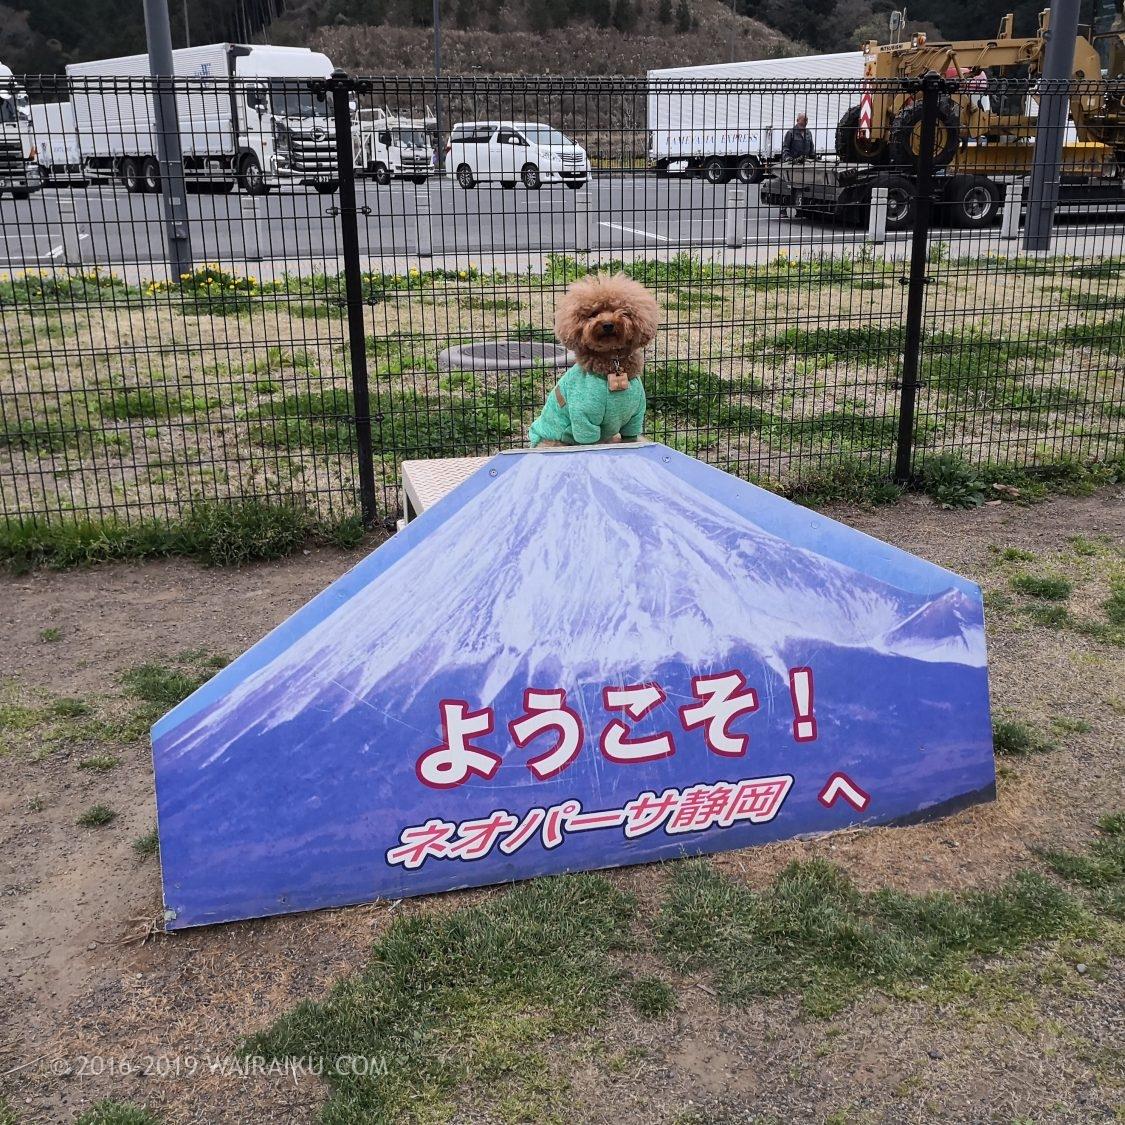 ネオパーサ静岡(下り)ドッグラン